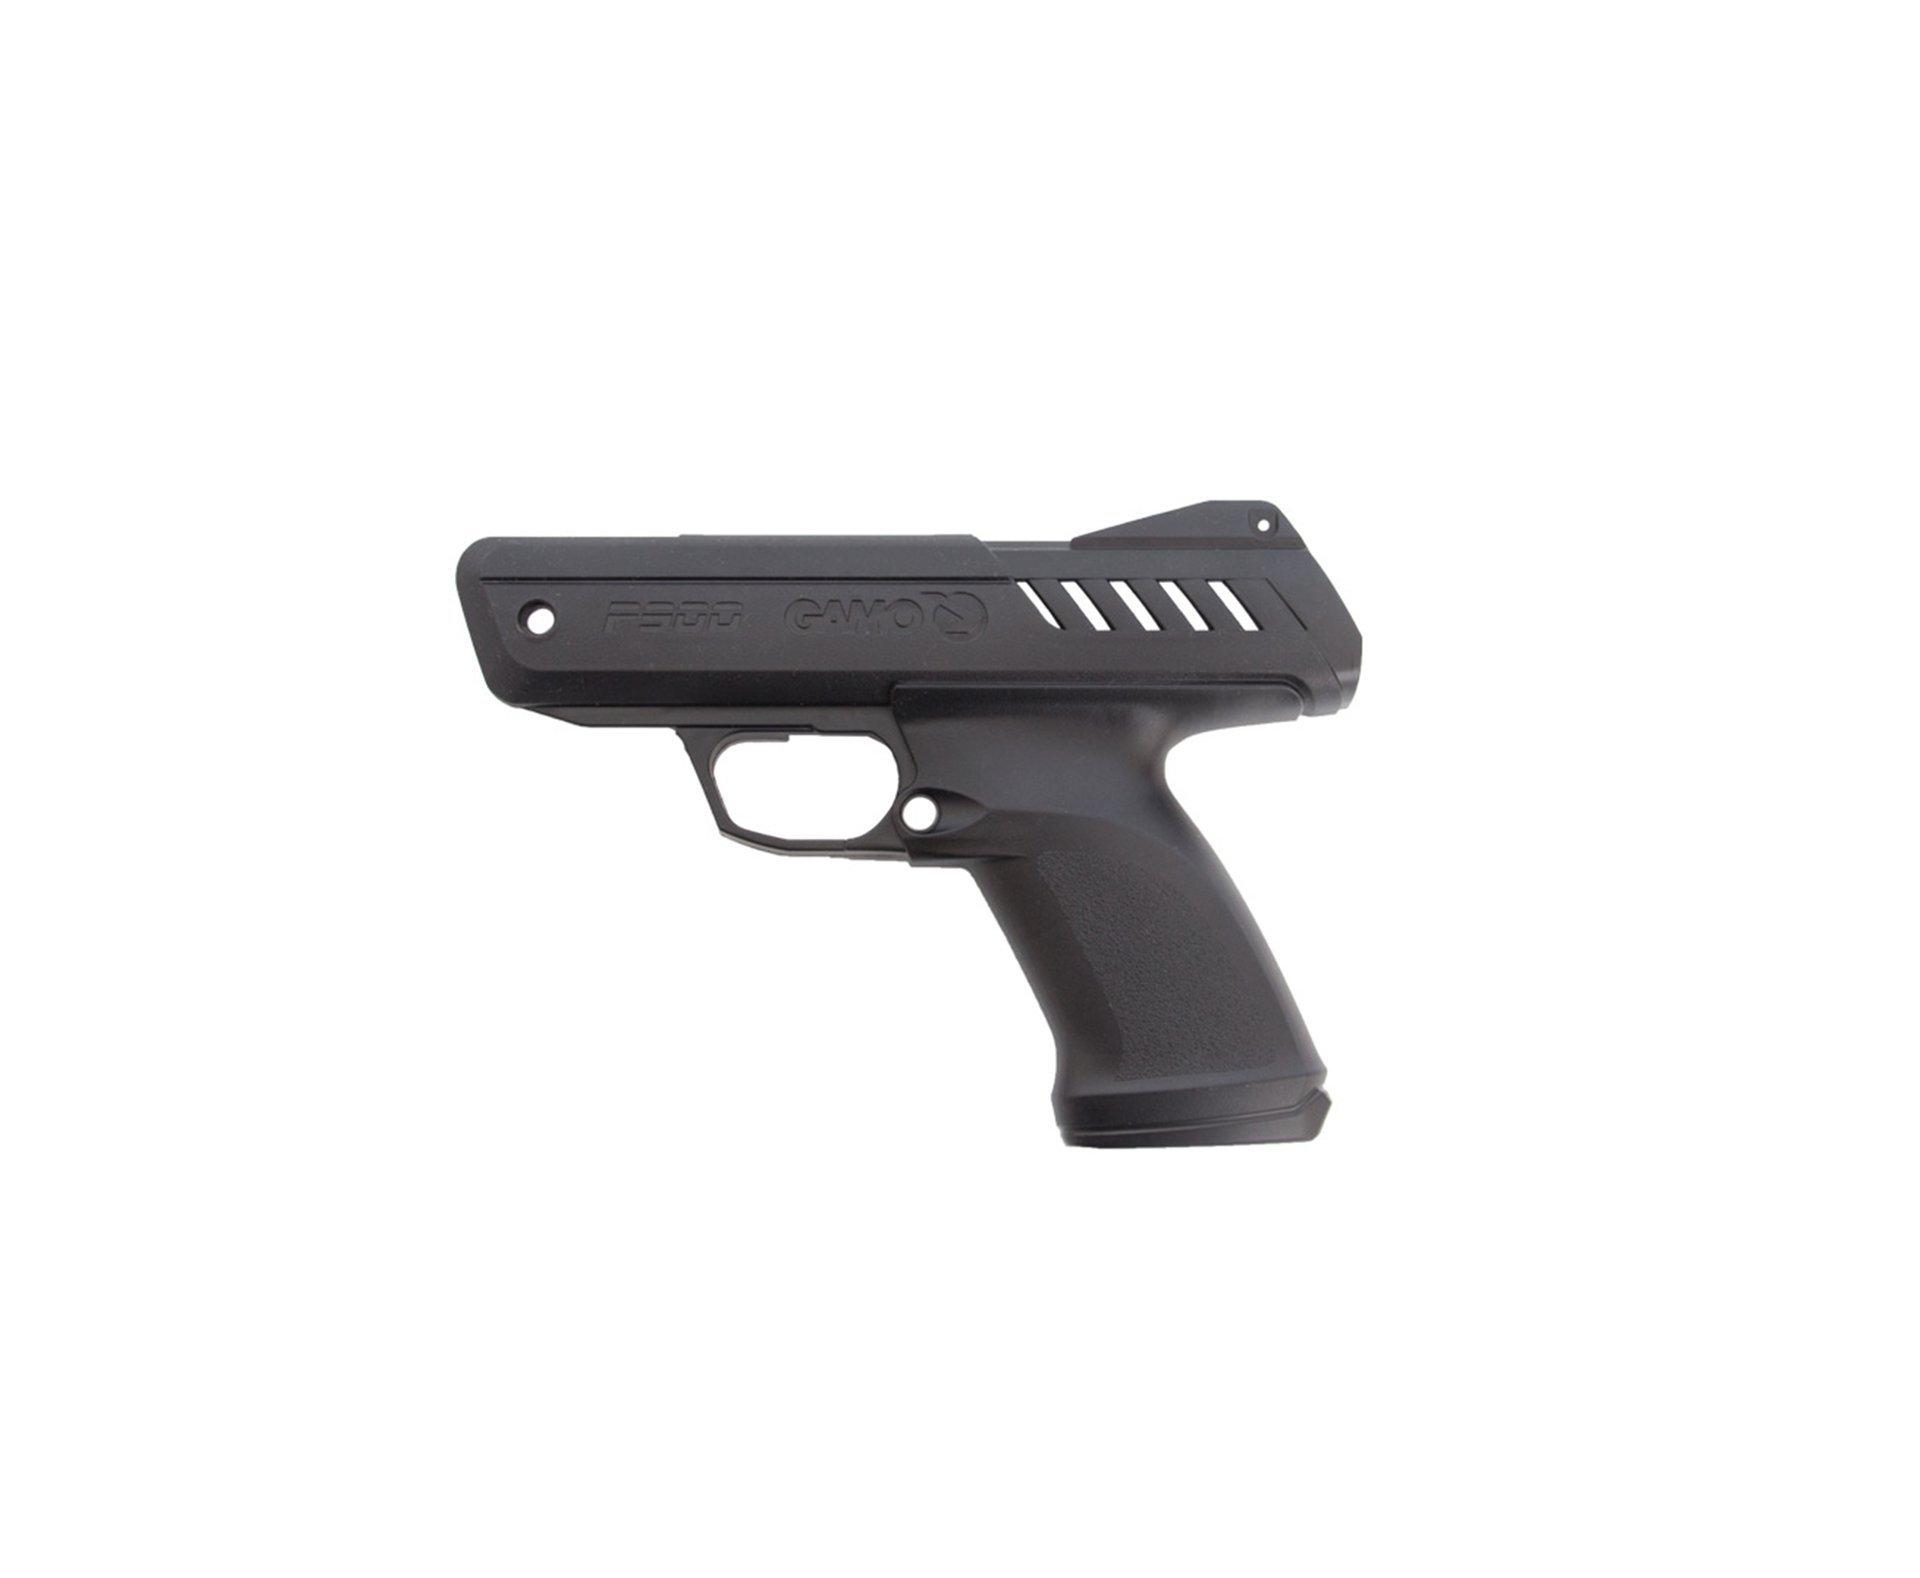 Empunhadura Esquerda Pistola P900 Gamo